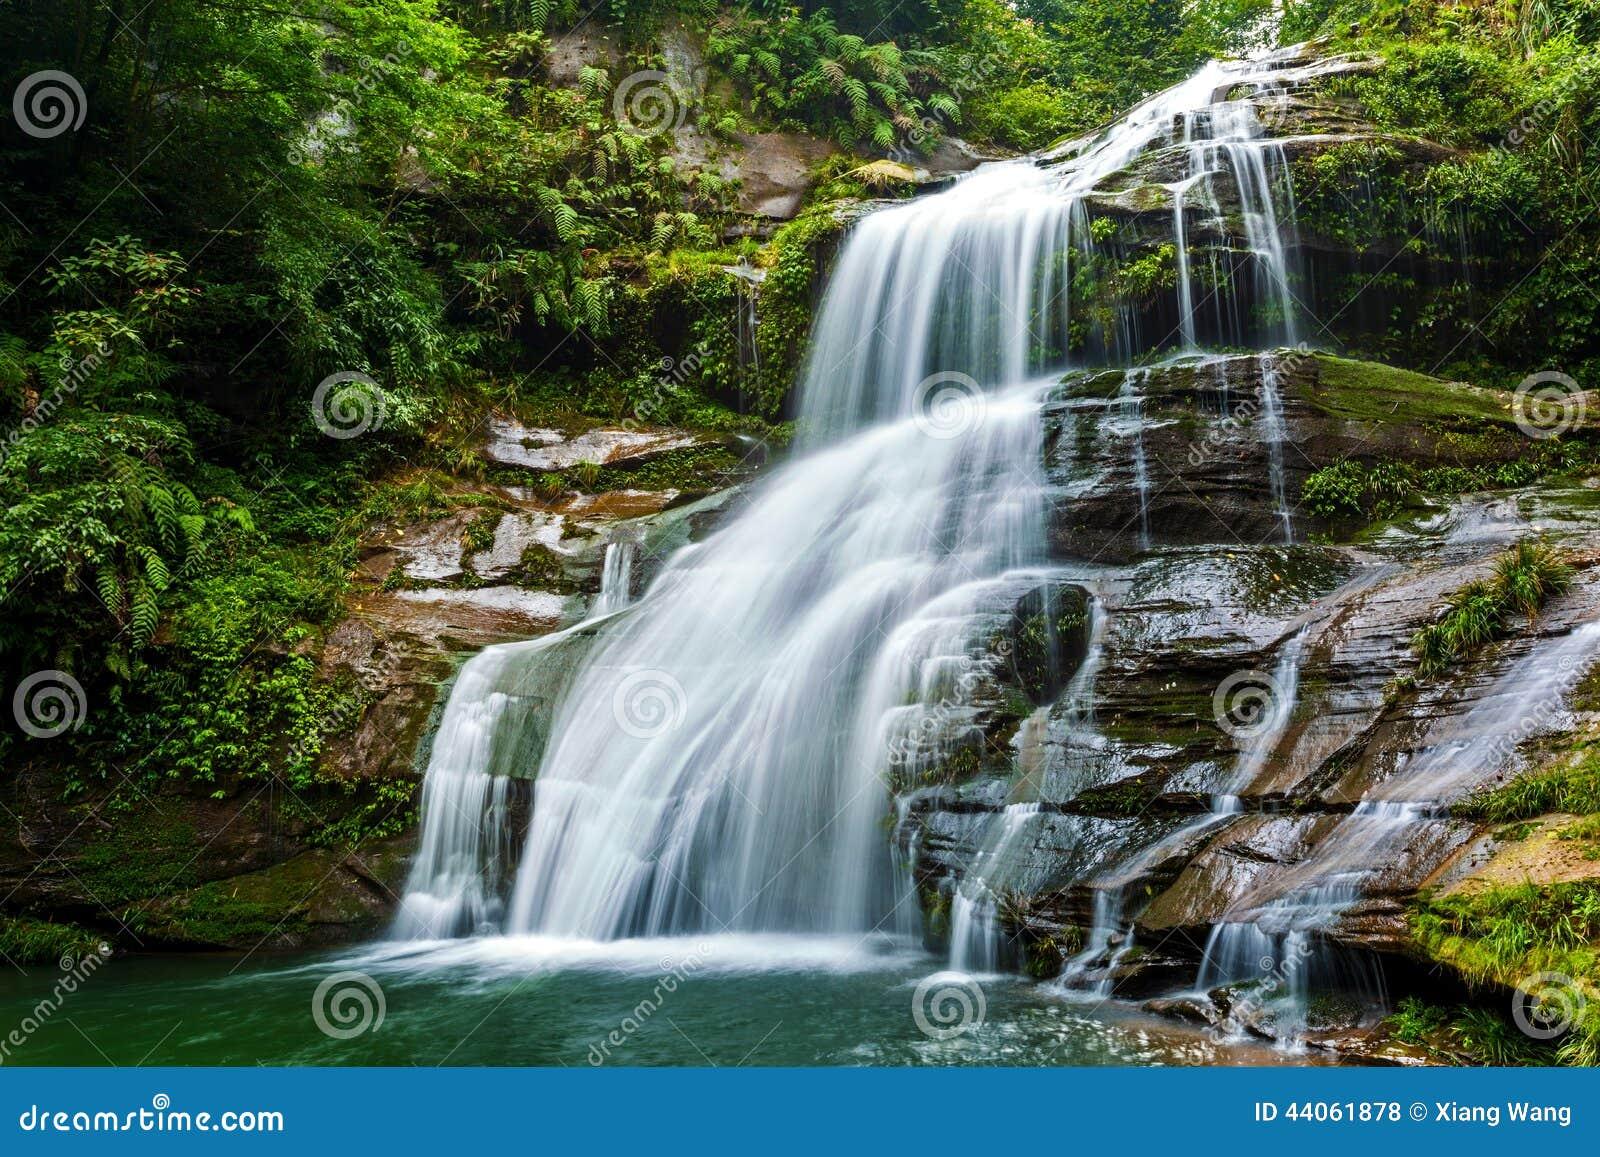 桌面风景旅游山水密室大全1300_957壁纸逃脱11攻略瀑布8图片